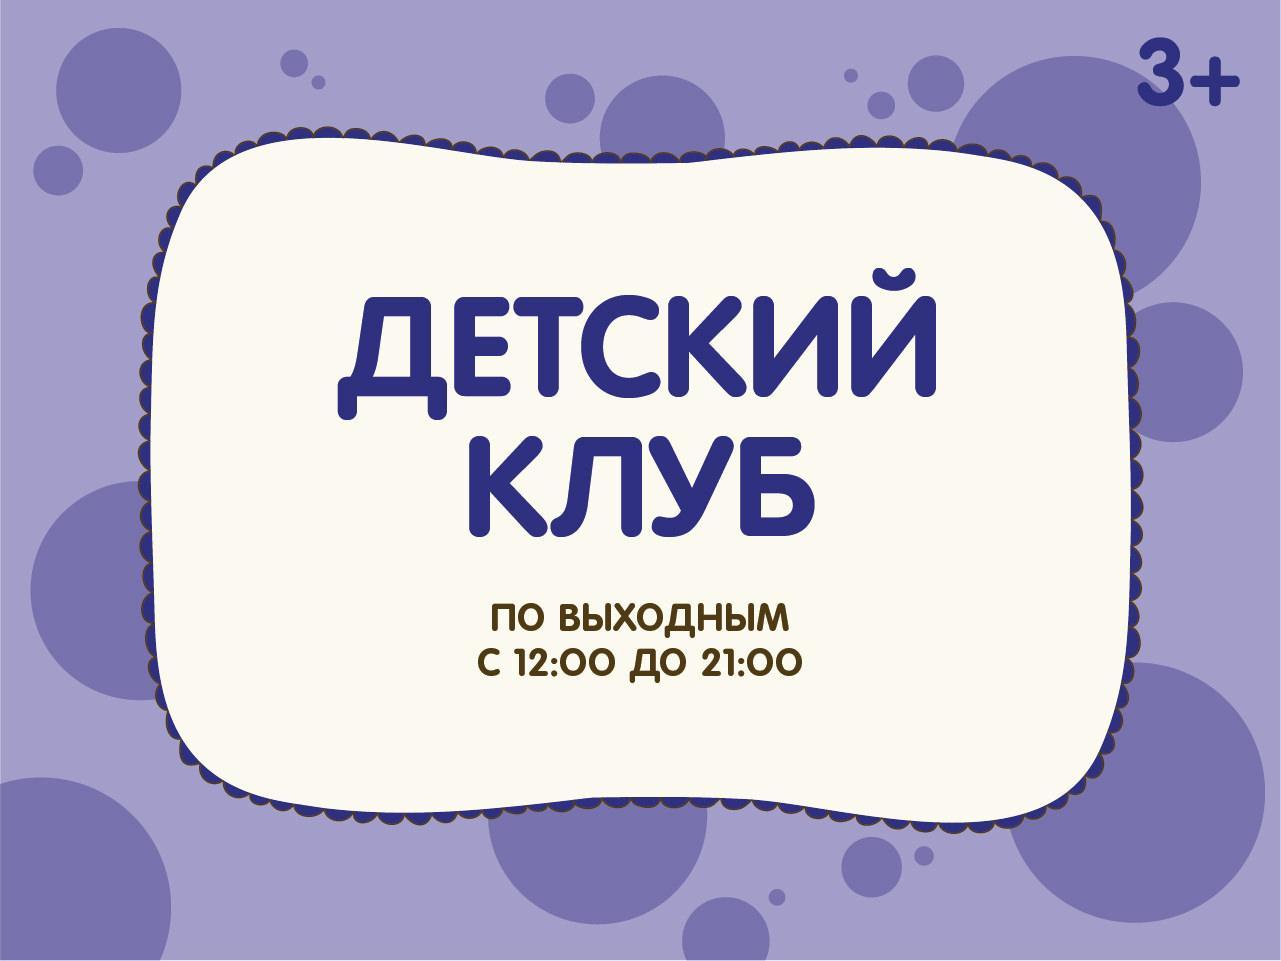 Чайхона для детей и мастер-классы